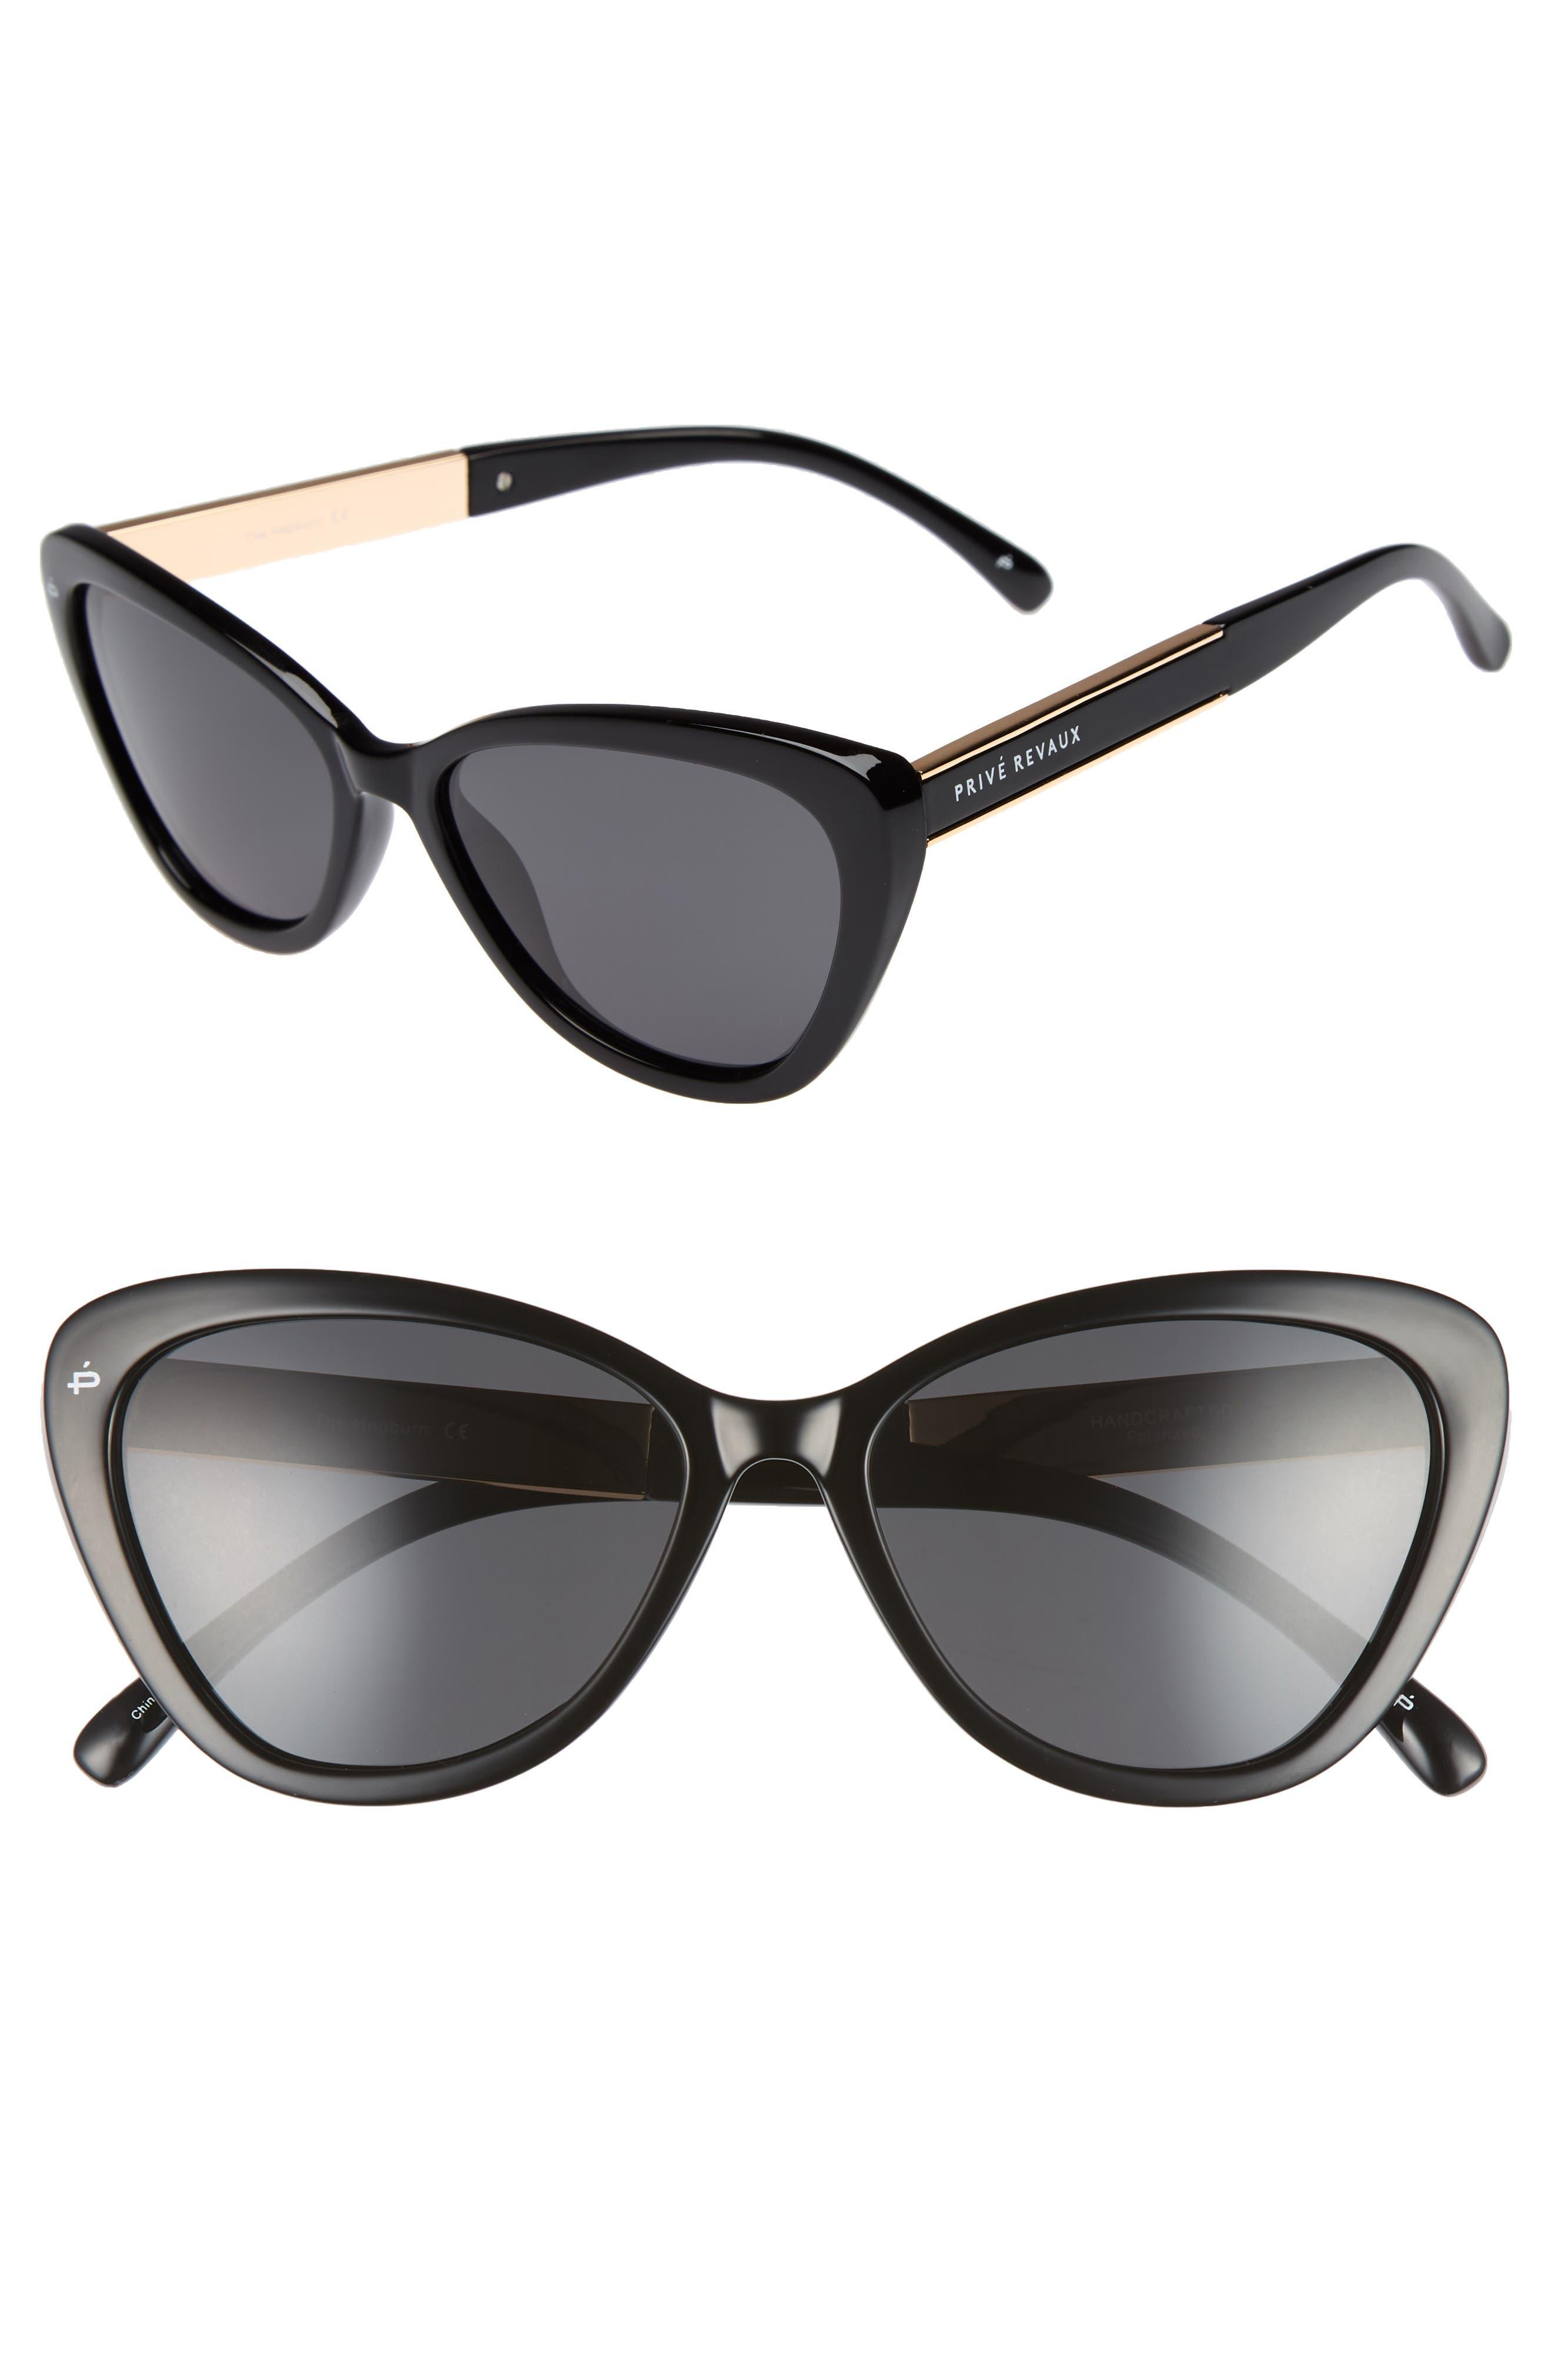 Privé Revaux The Hepburn 56mm Cat Eye Sunglasses,                         Main,                         color, 001